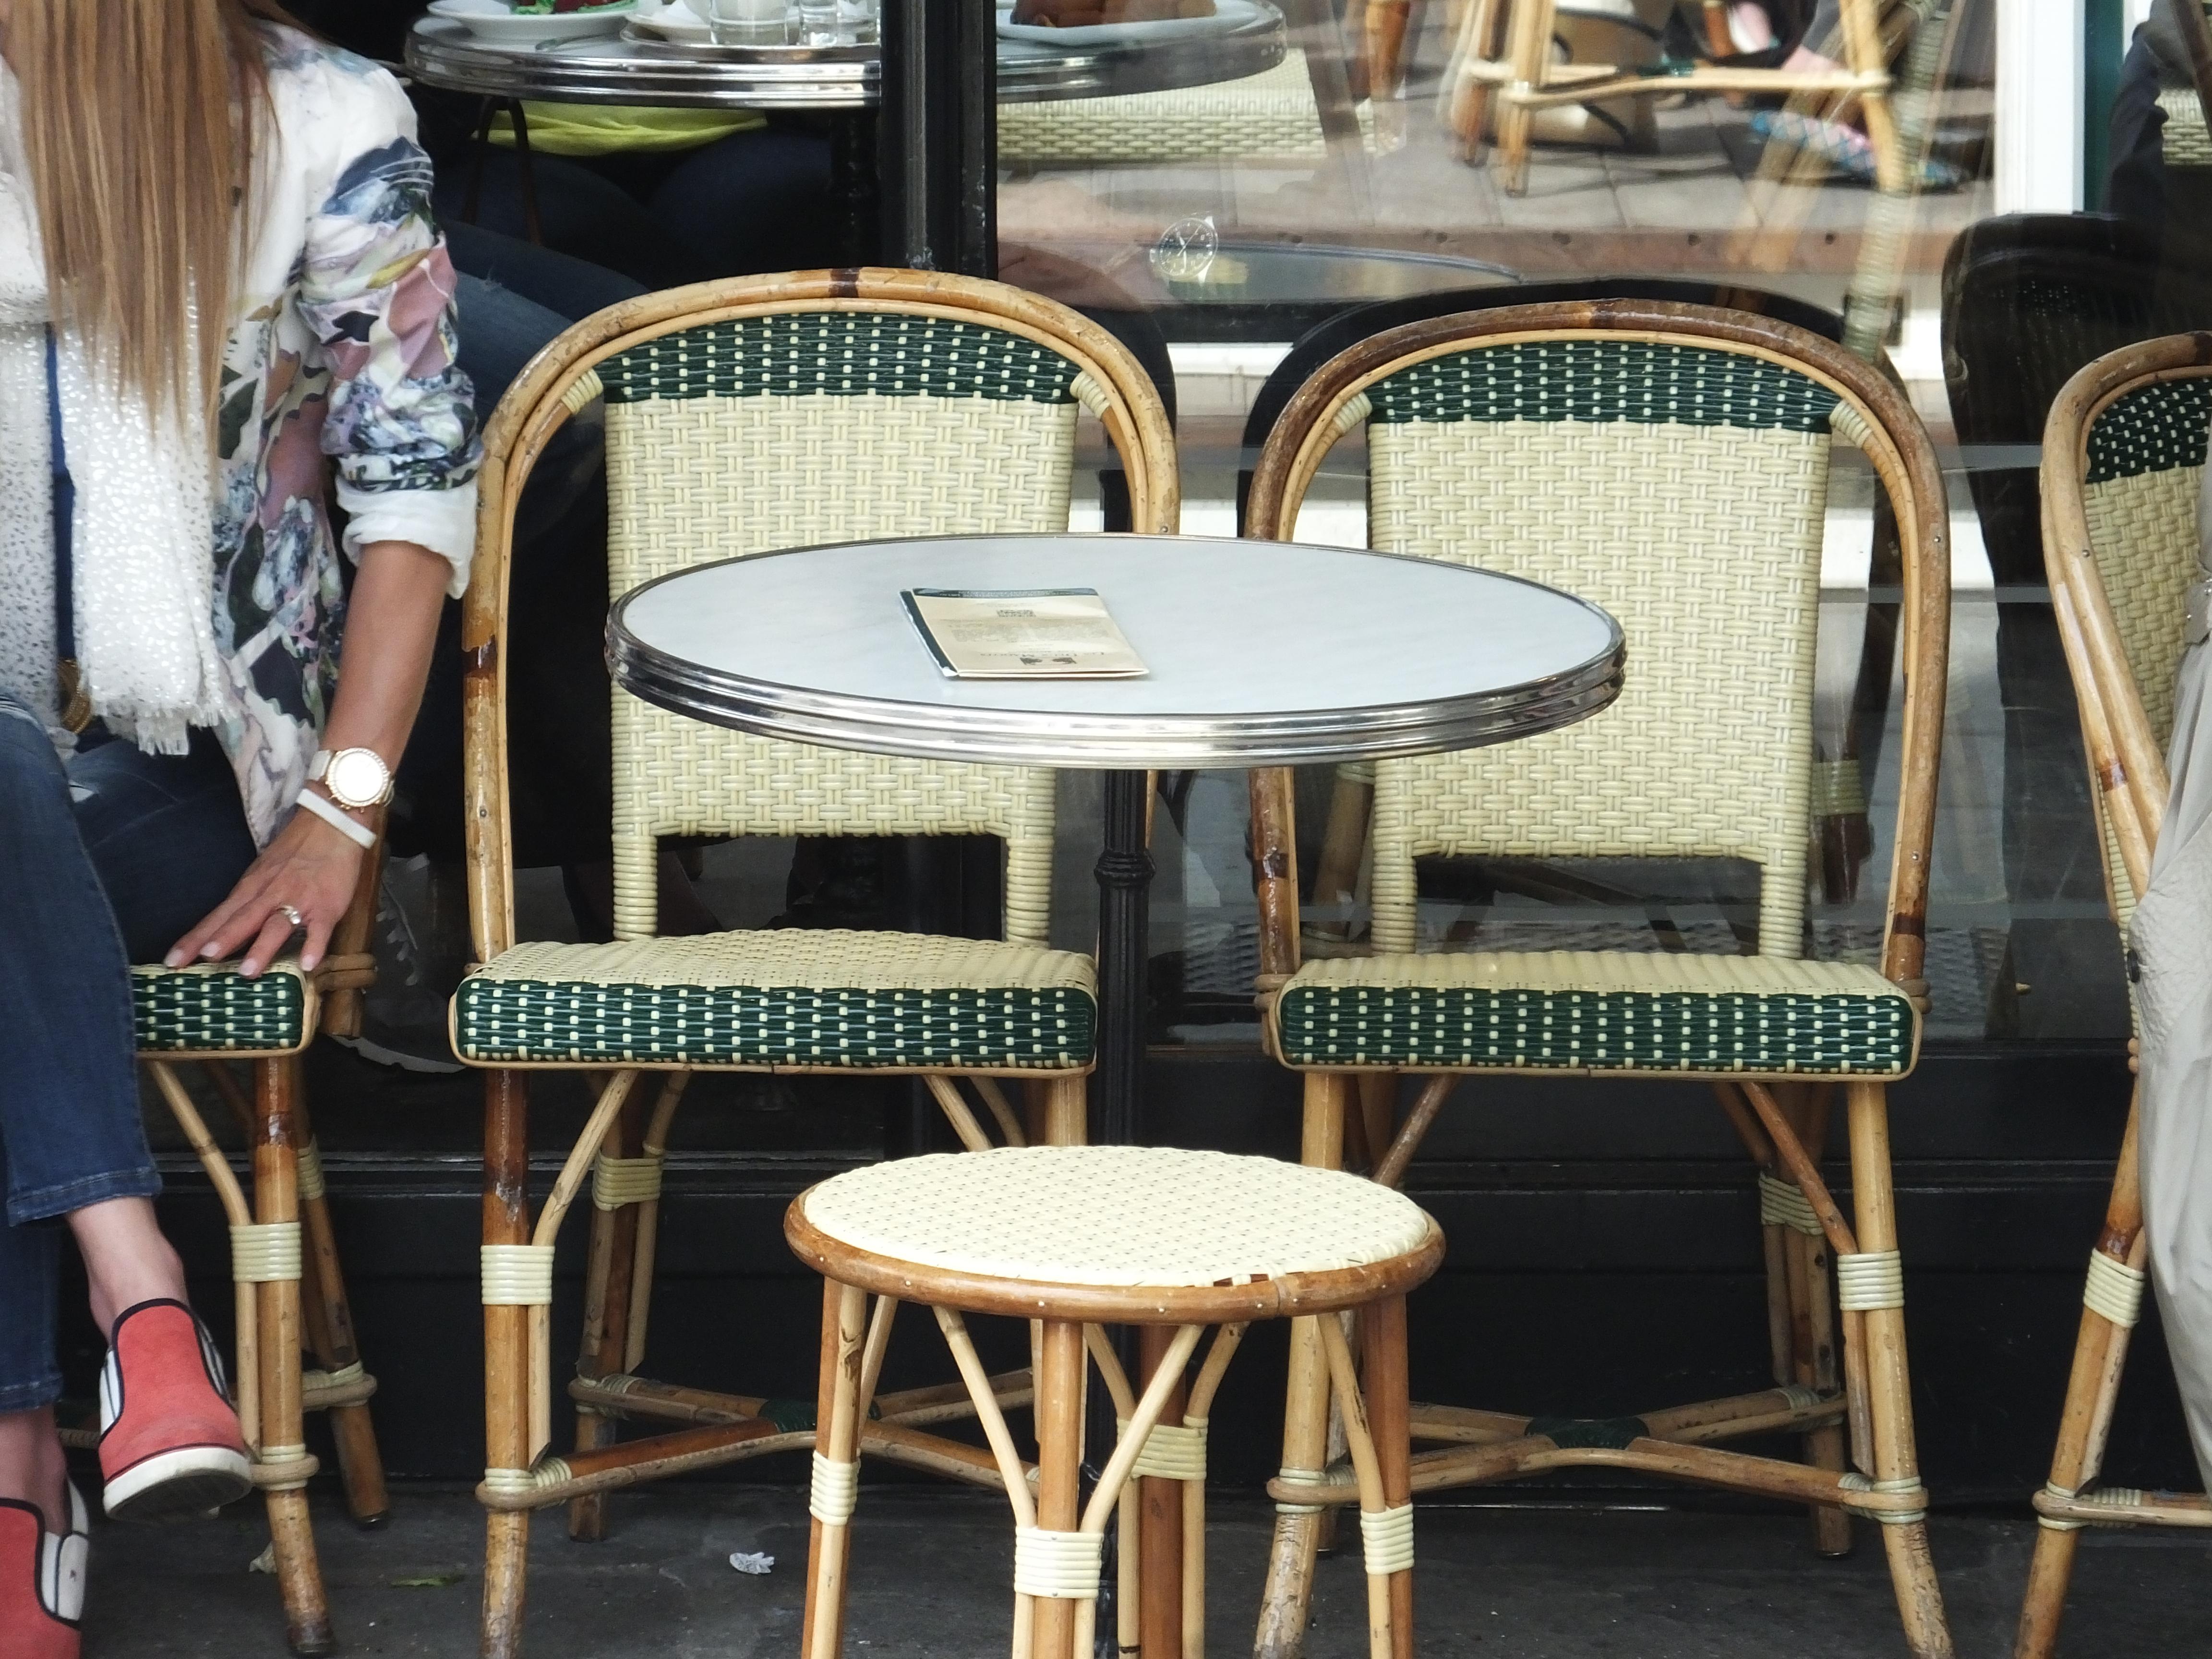 Café chairs at Les Deux Magots